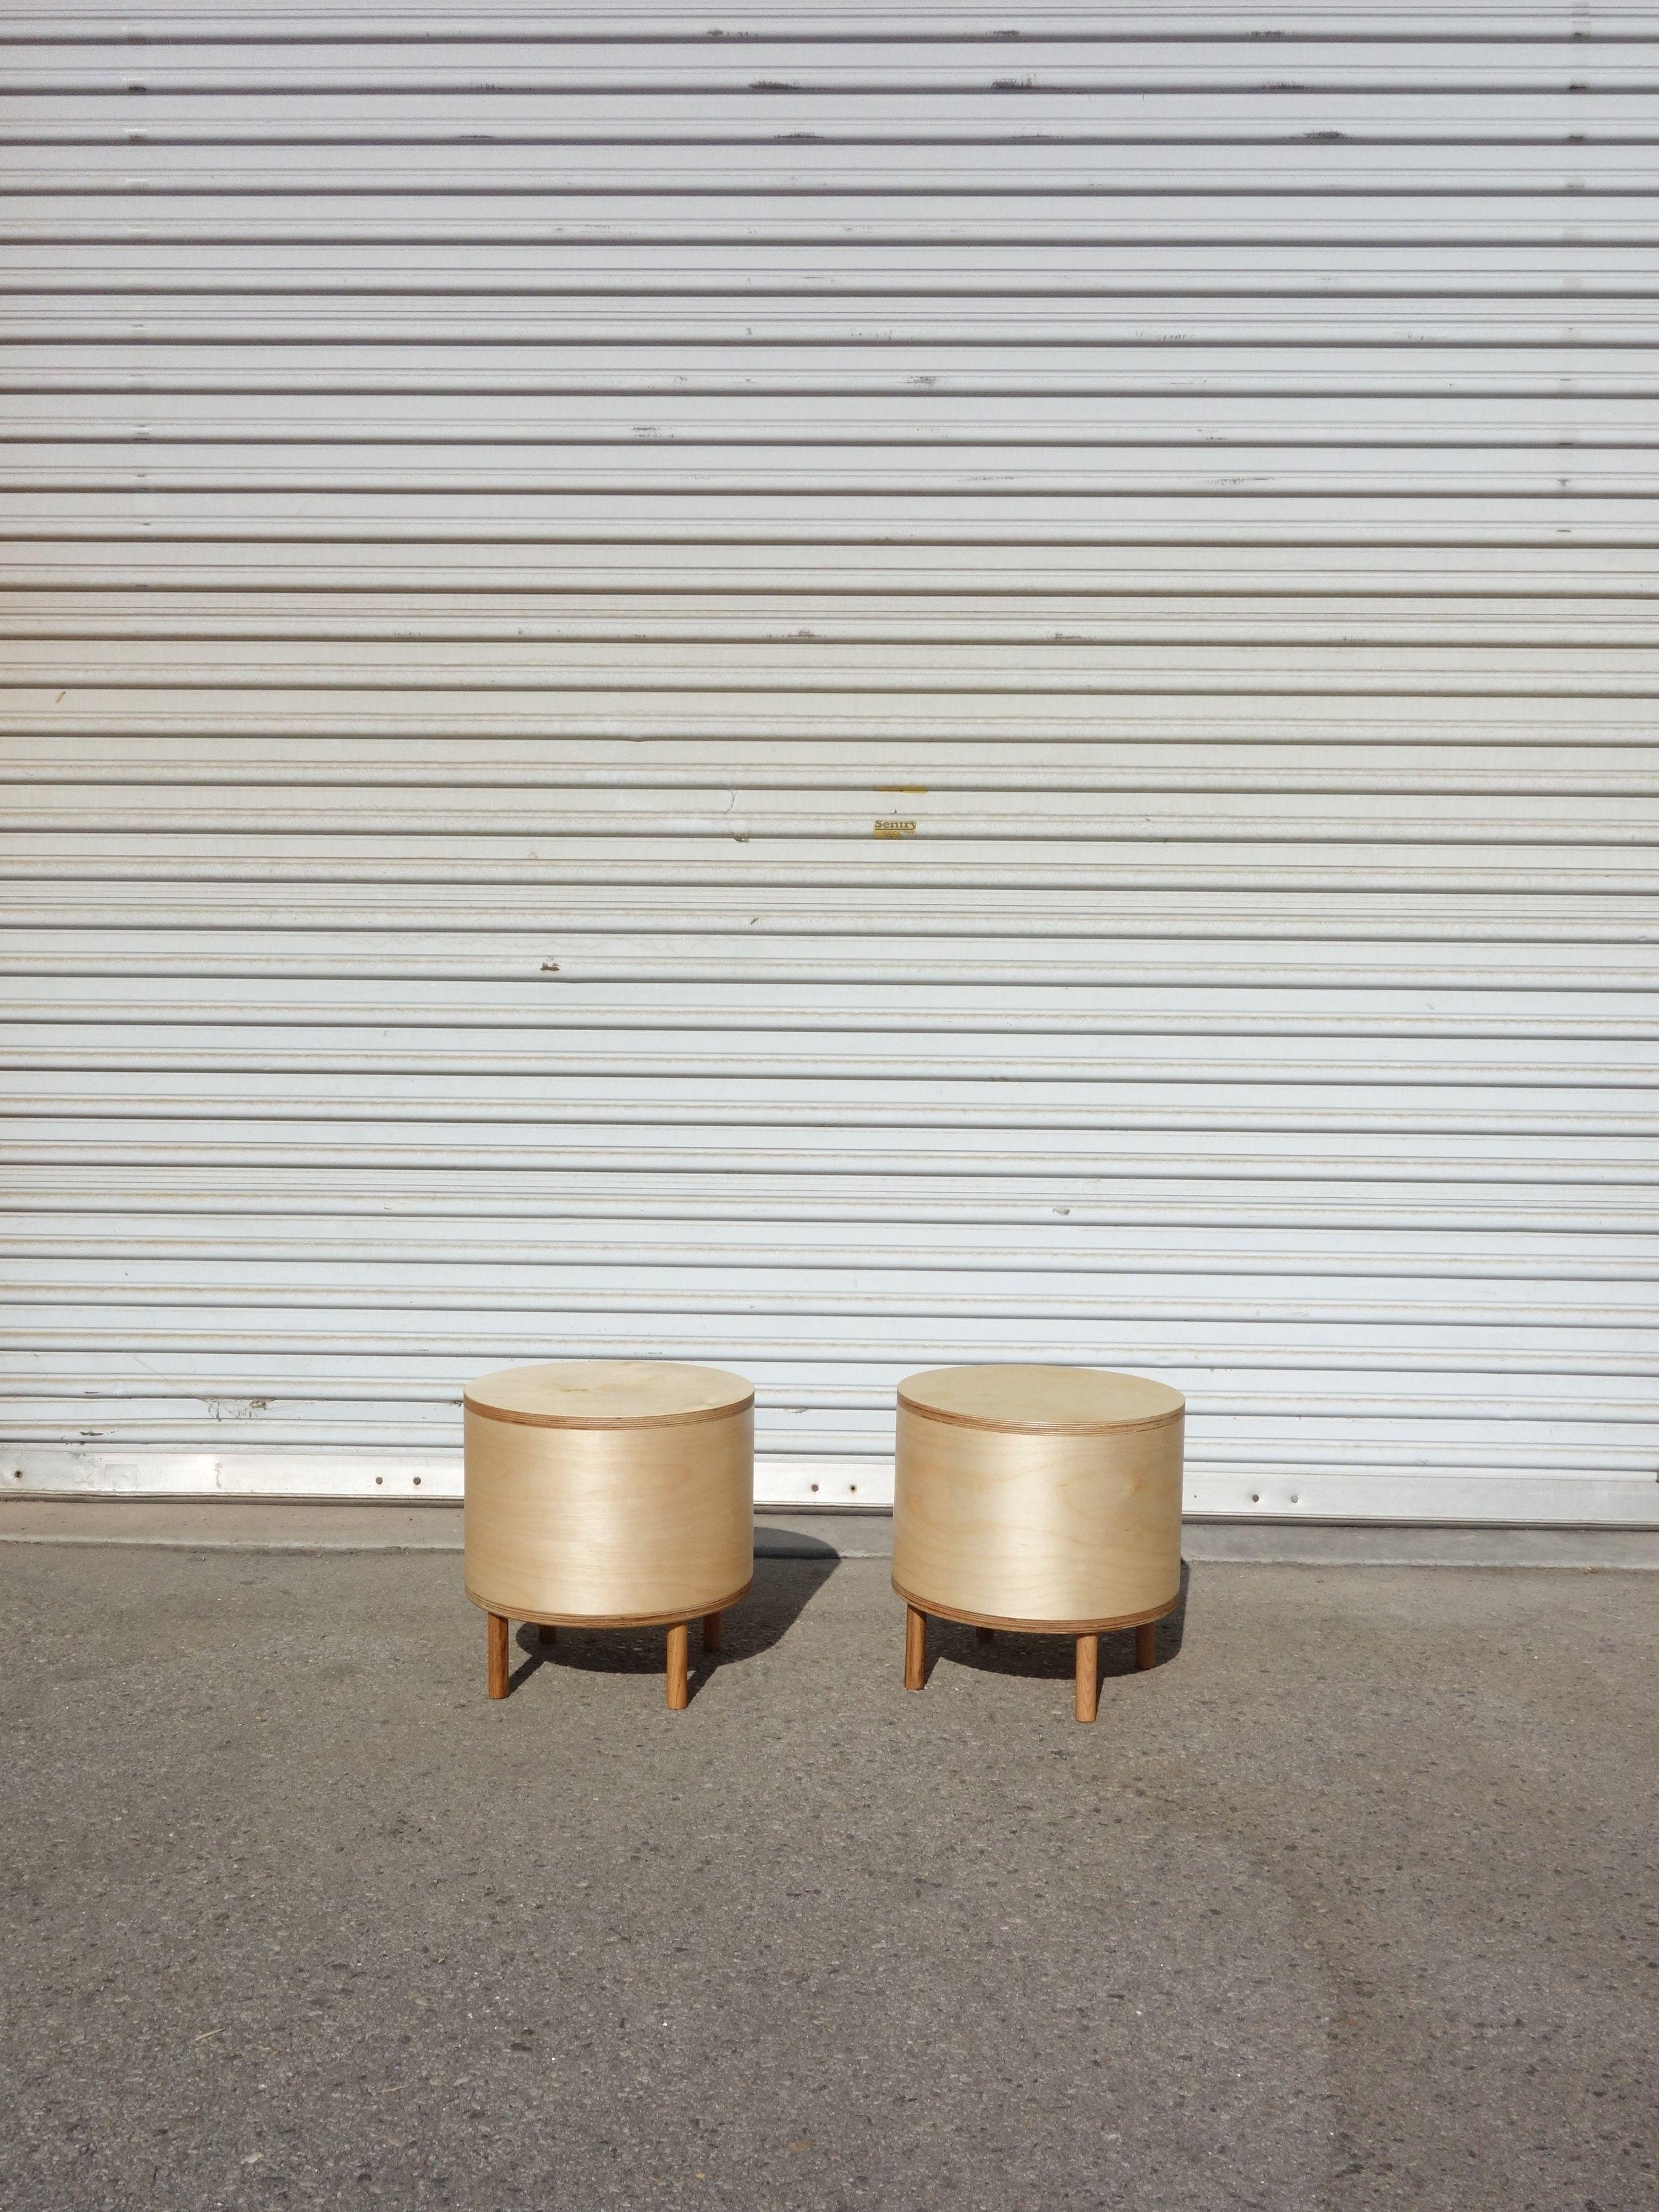 NADA Art Fair product image 4